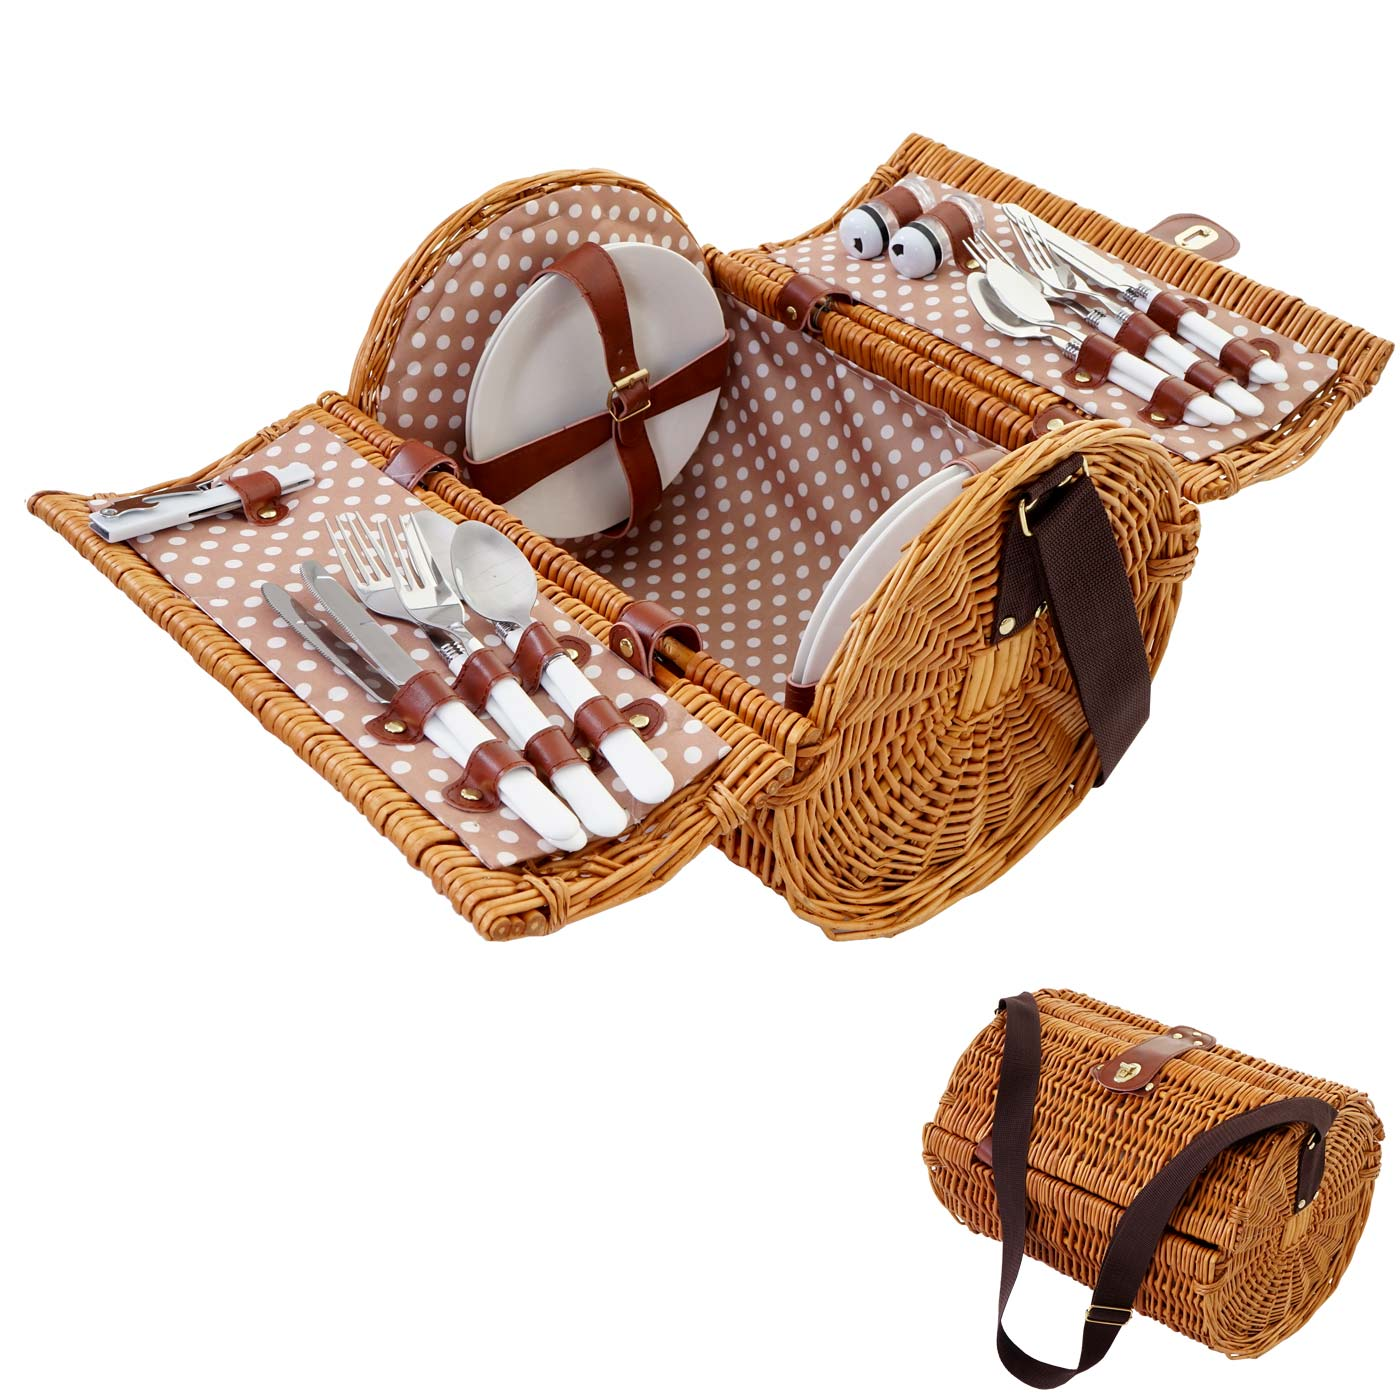 Mendler Picknickkorb-Set für 4 Personen, Picknicktasche Weiden-Korb, Porzellan Edelstahl, beige-weiß ~ Varia 51418